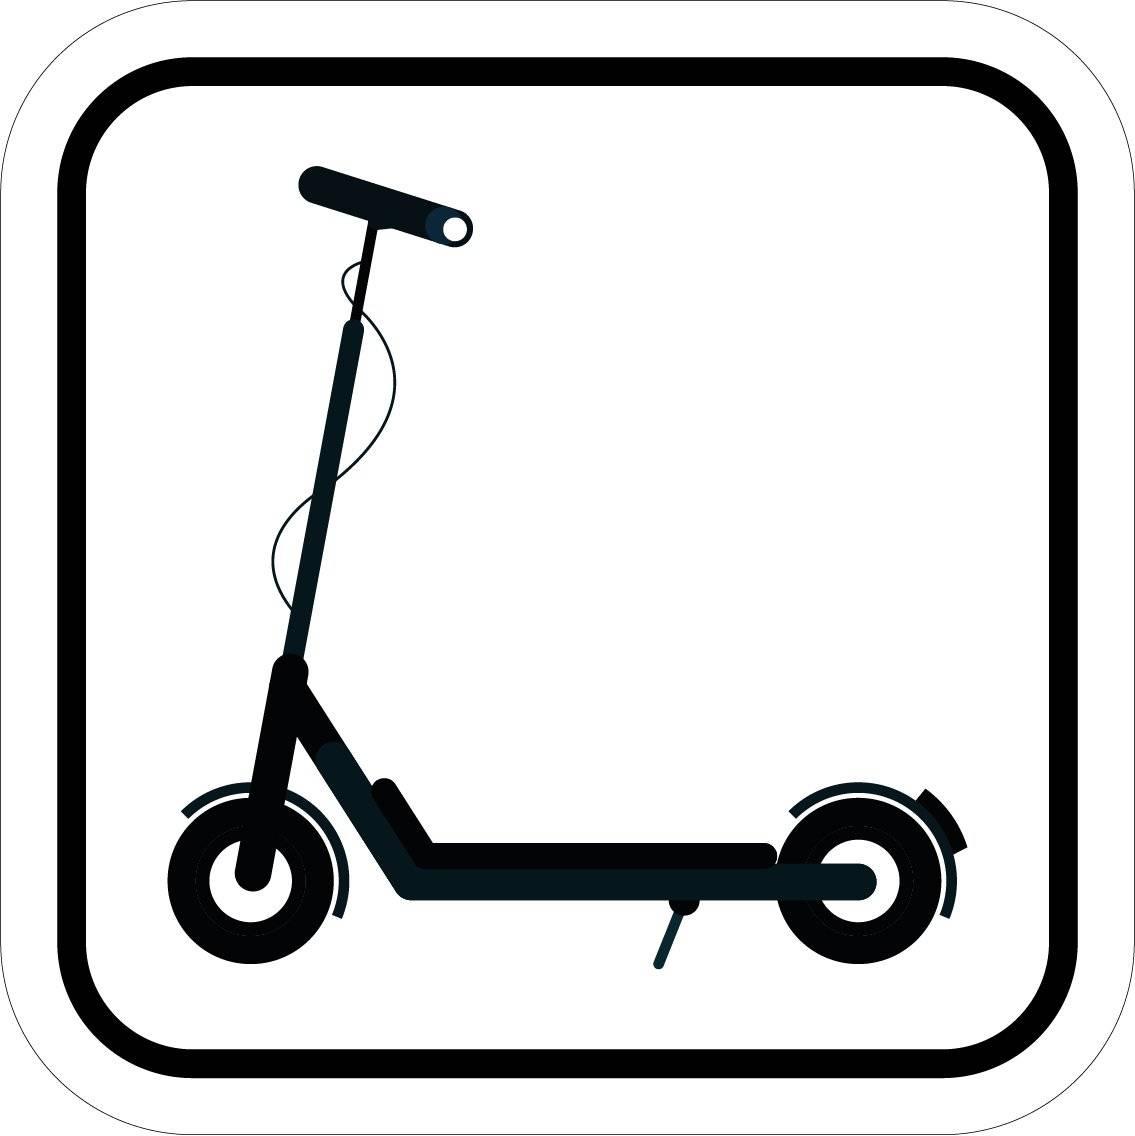 Elektrisk Løbehjul piktogram skilt